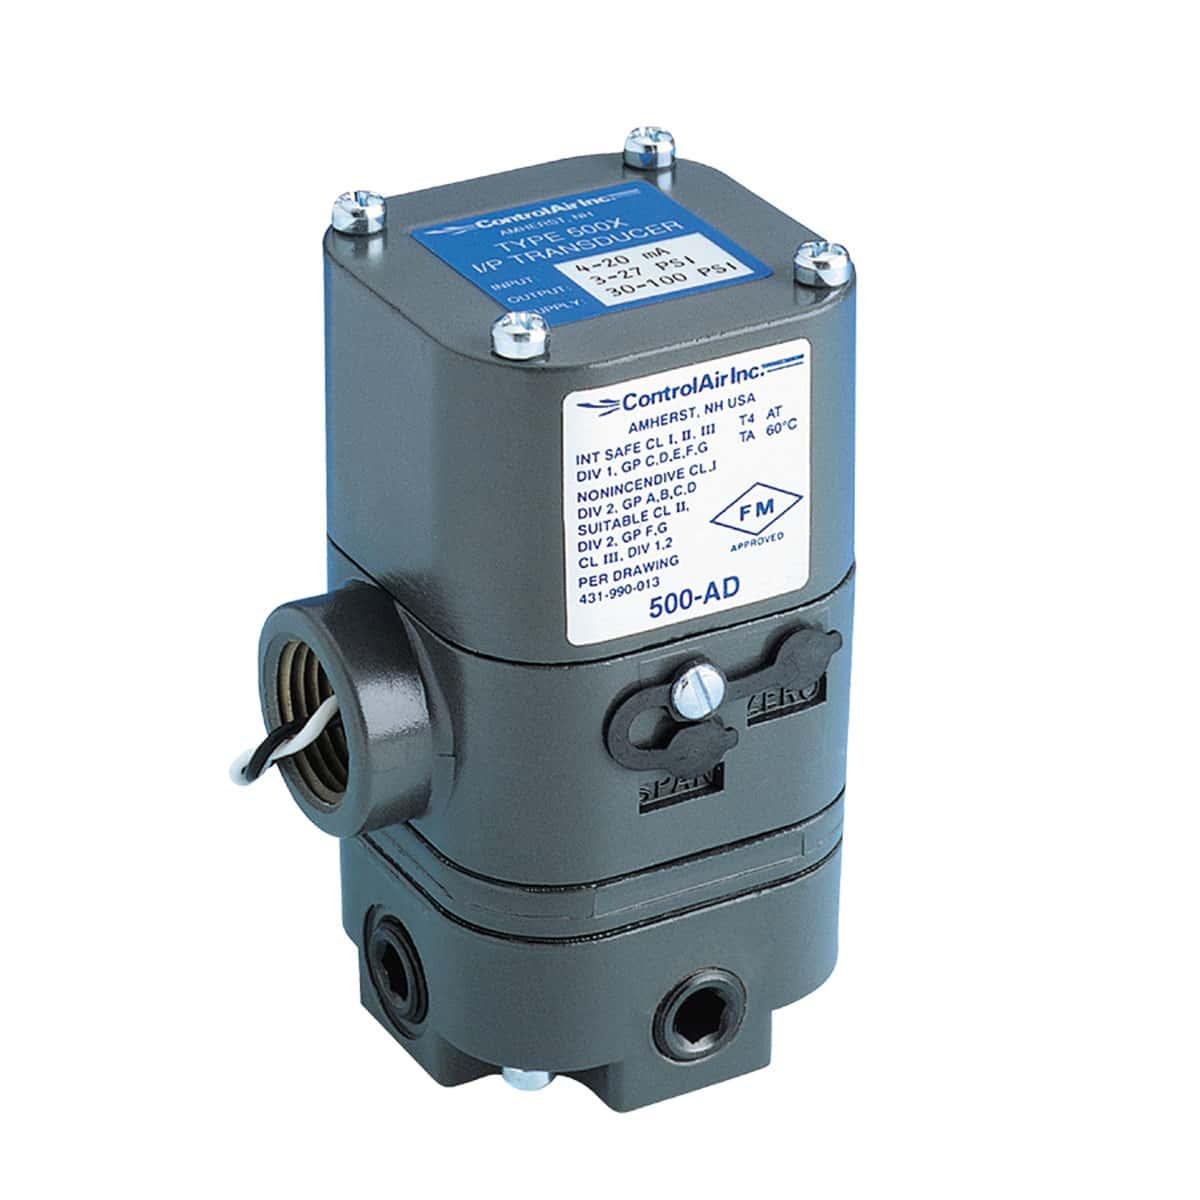 Type 500 Electro-Pneumatic I/P Transducer (I/P, E/P) - ControlAir